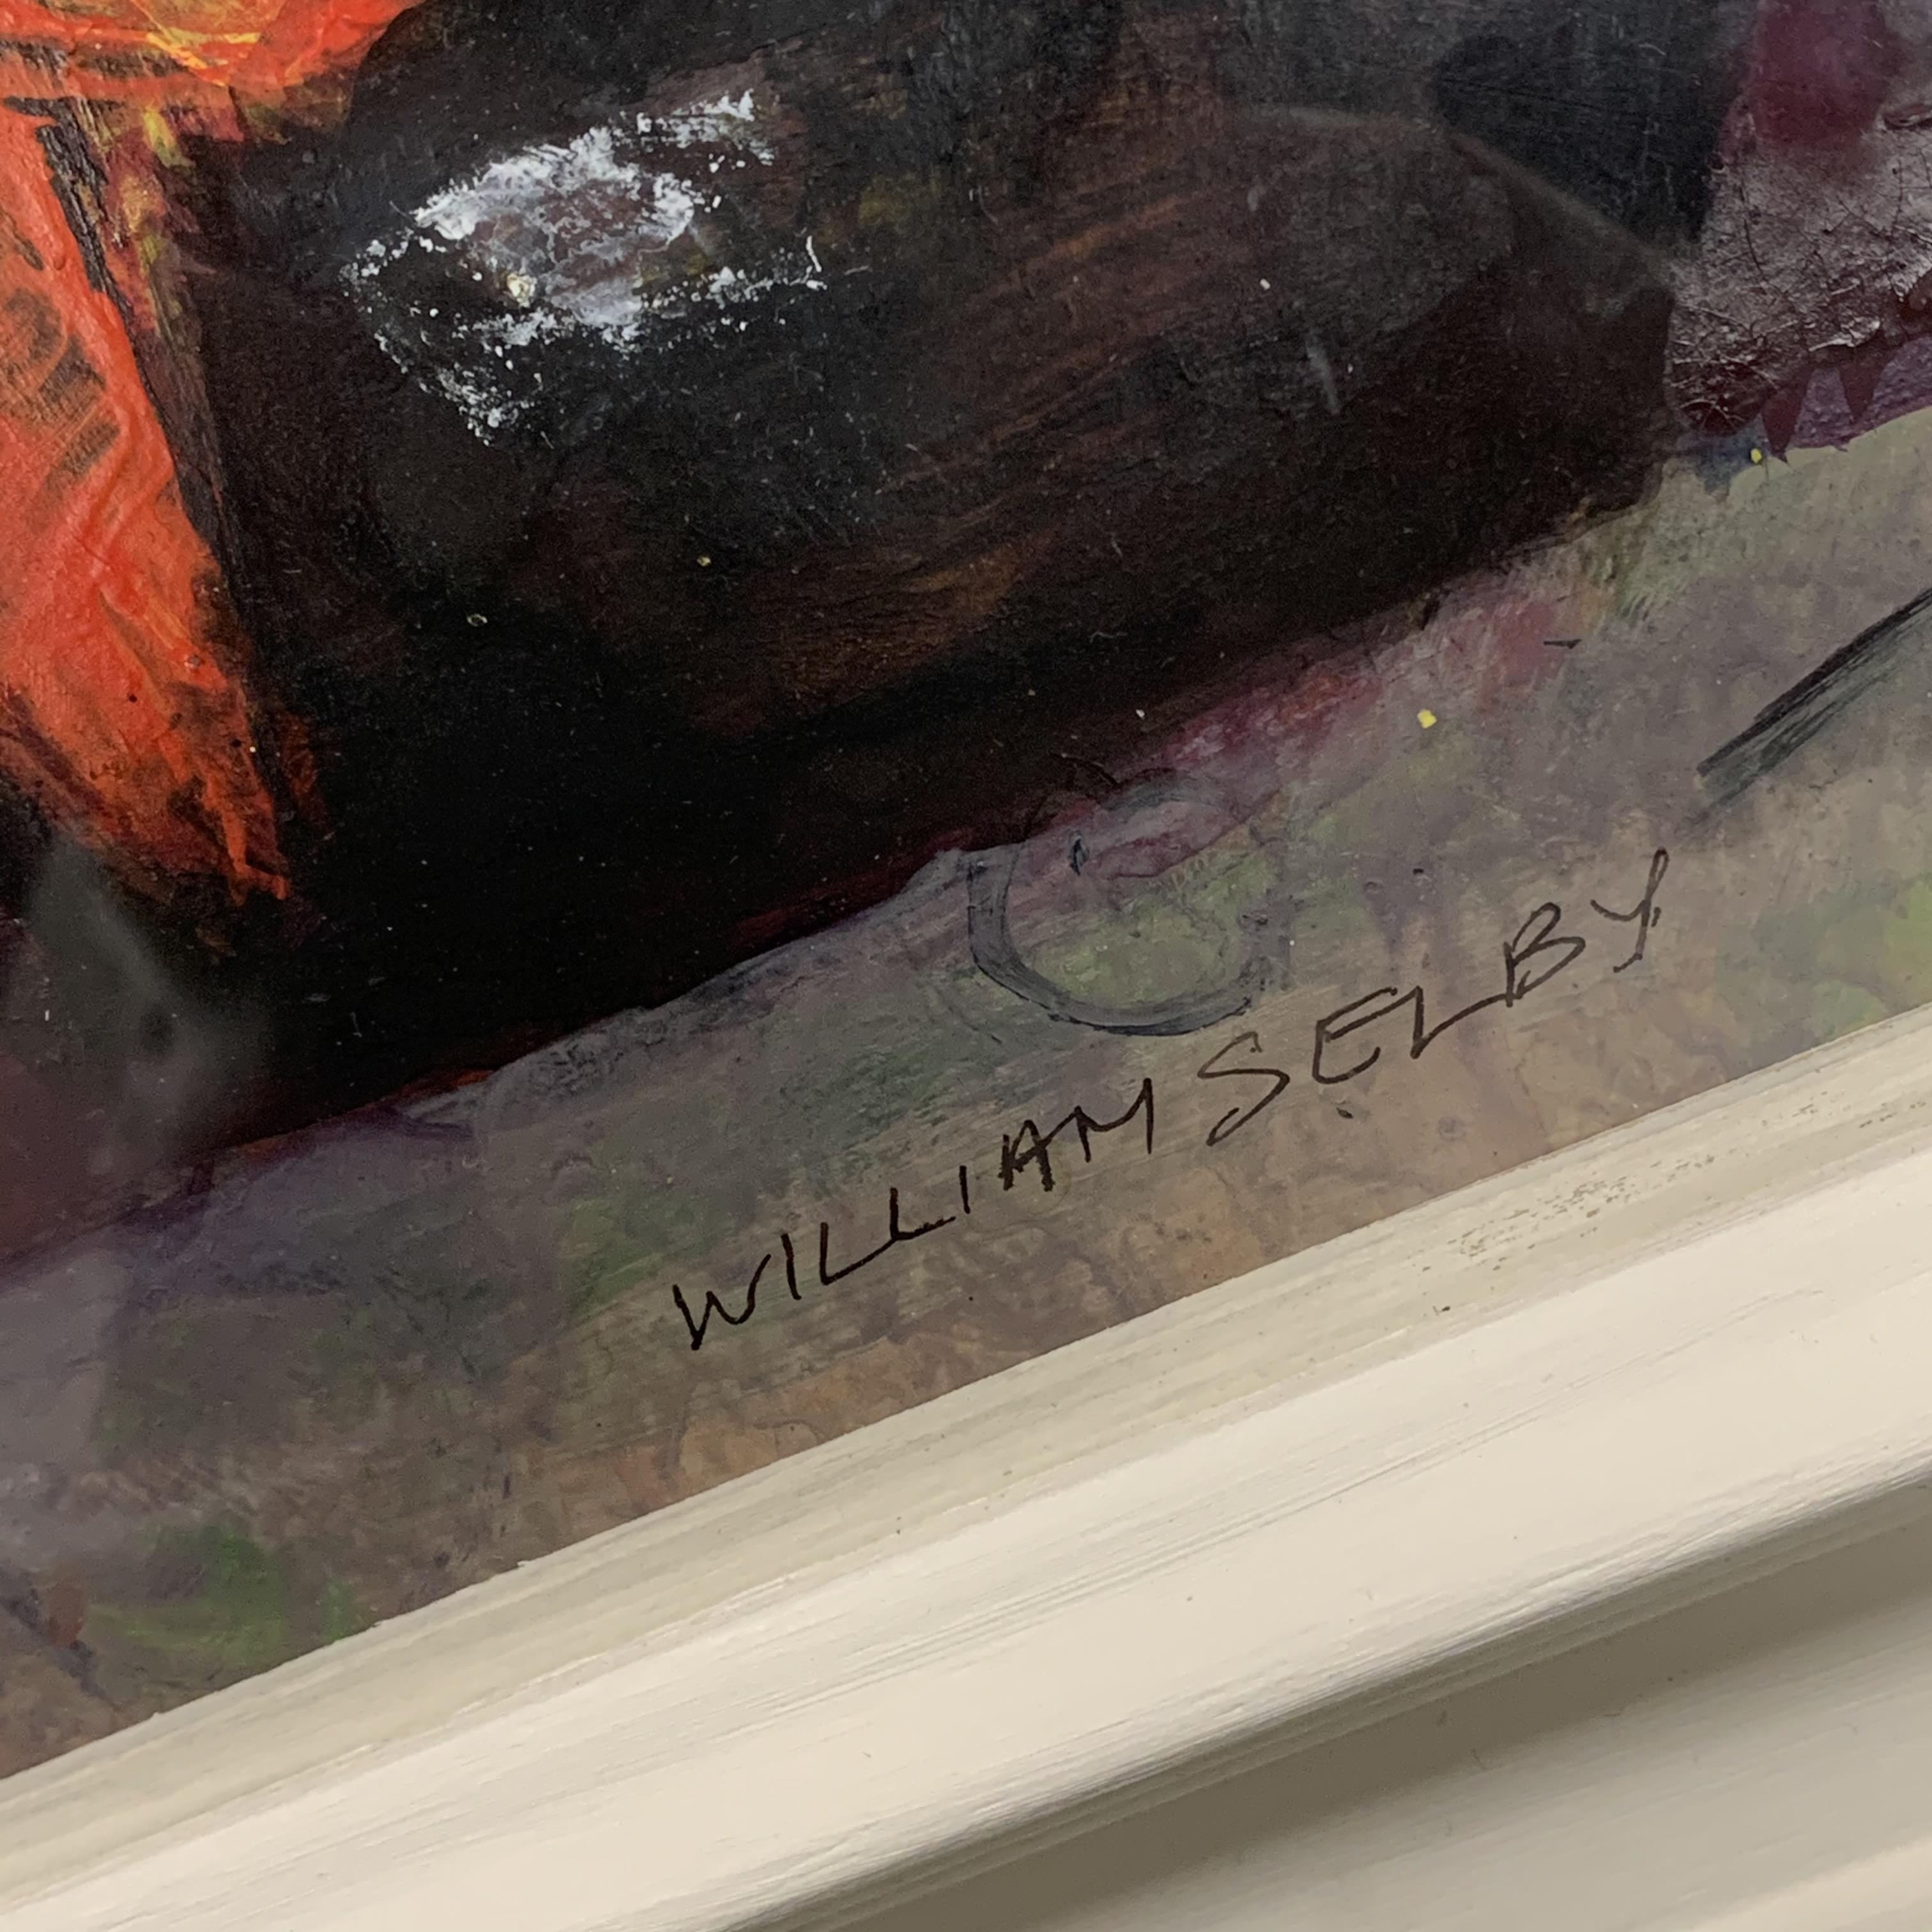 William Selby (British 1933-): Still Life with Black Mug, mixed media signed 18cm x 18cm, UK - Image 3 of 3